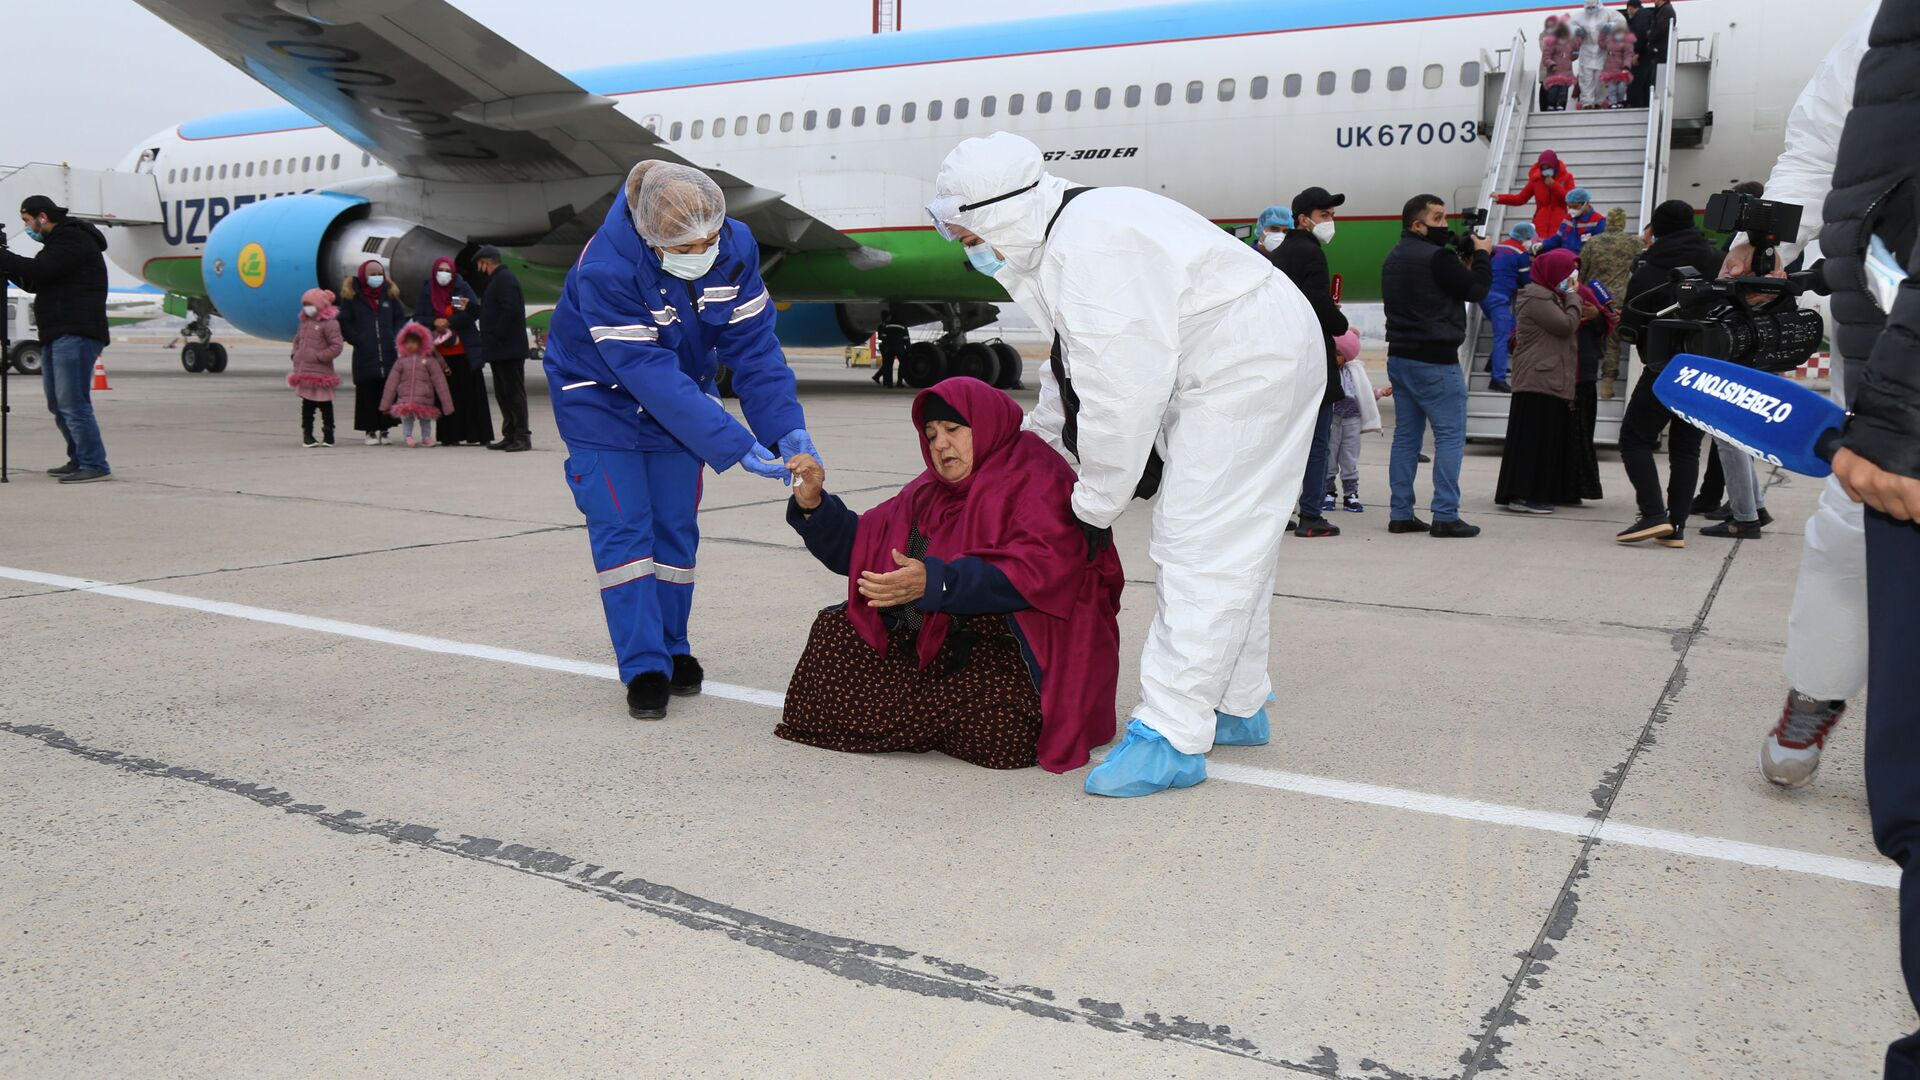 Власти Узбекистана вернули из Сирии почти 100 соотечественников - Sputnik Узбекистан, 1920, 06.07.2021